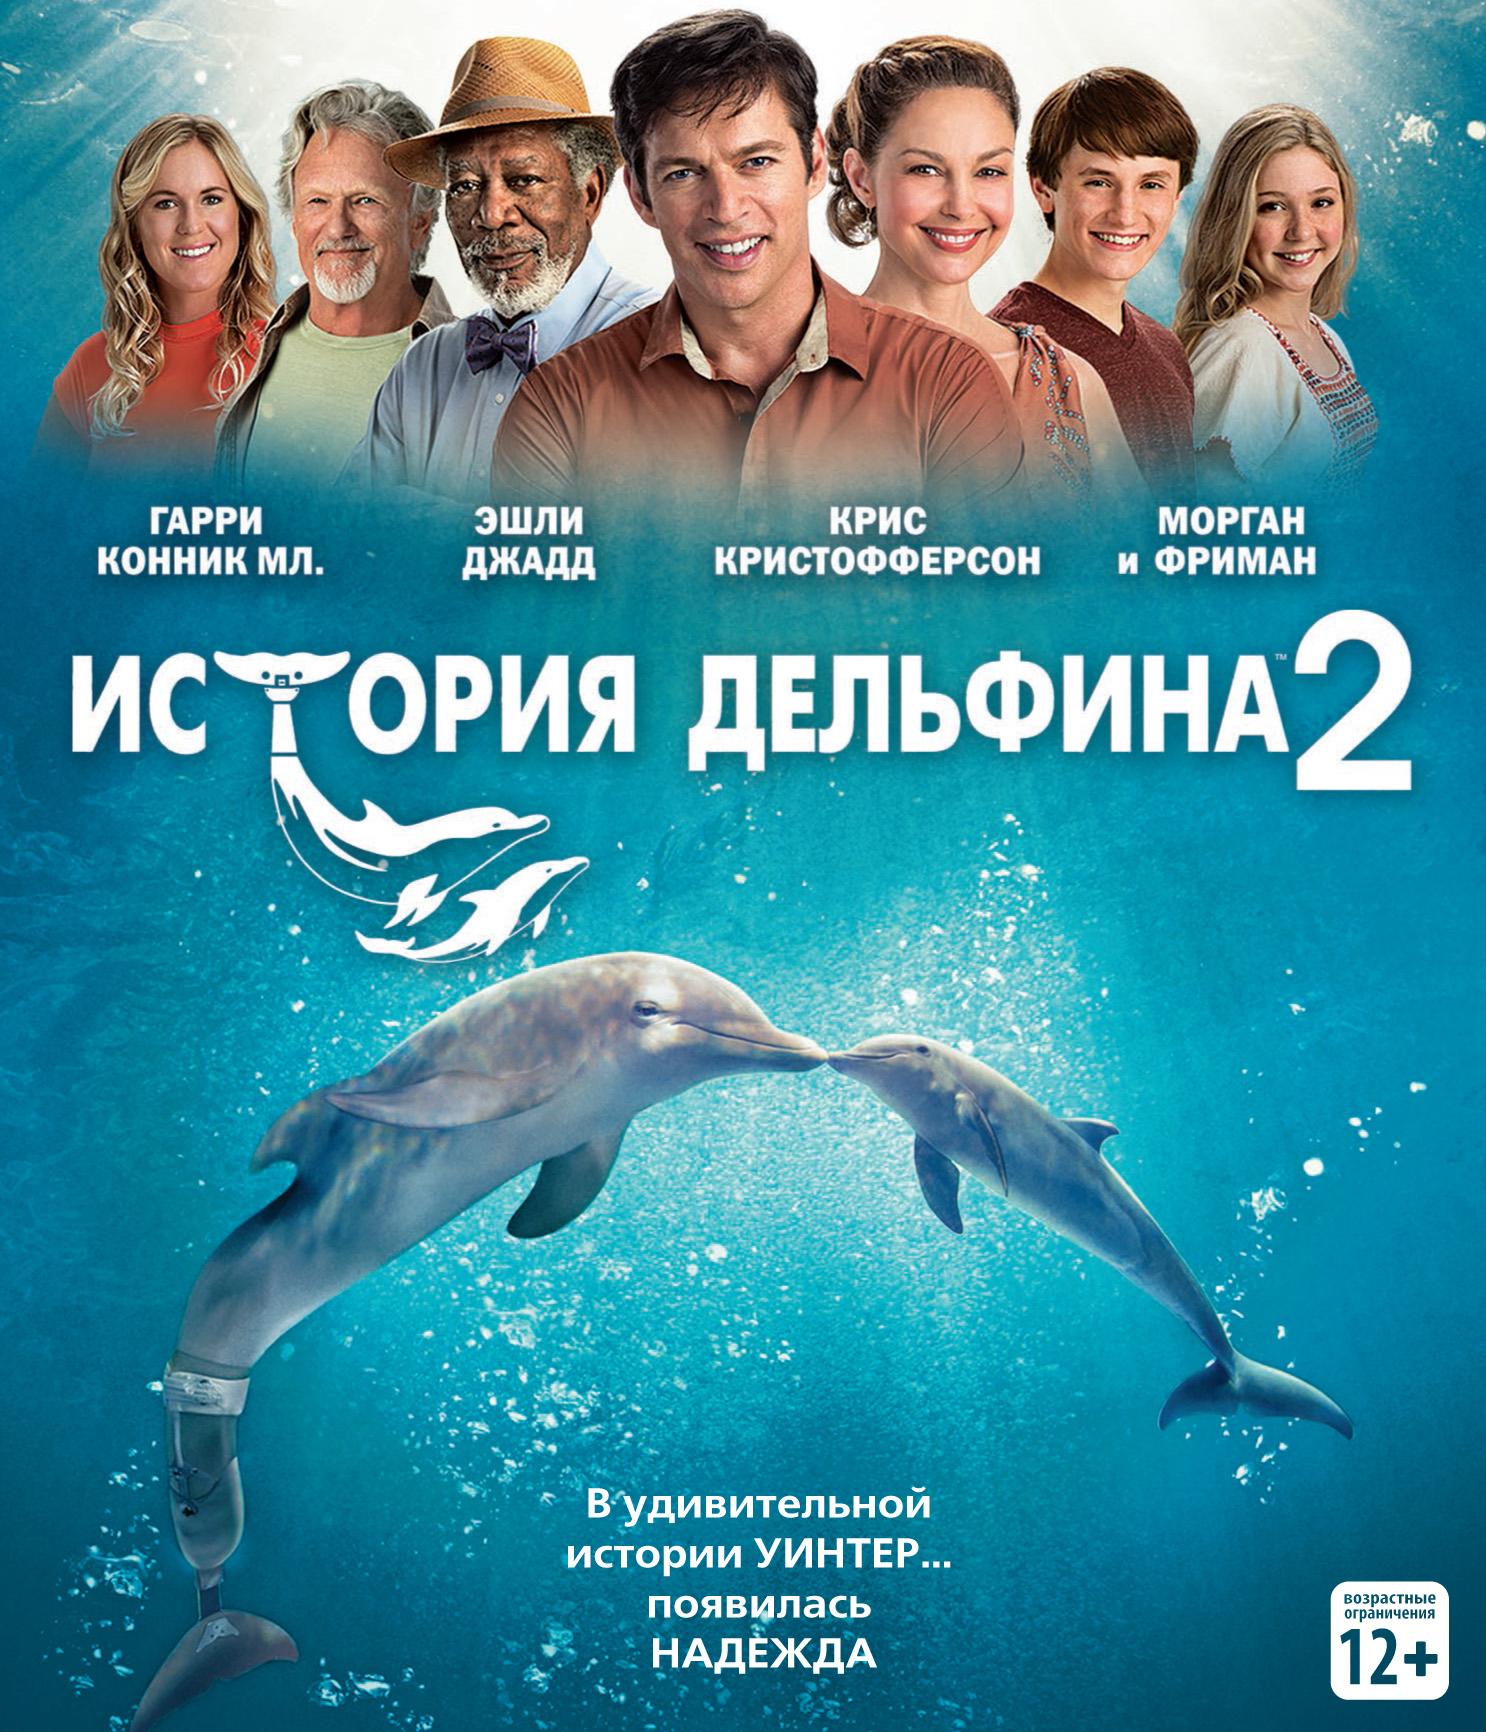 Фильм история дельфина картинки